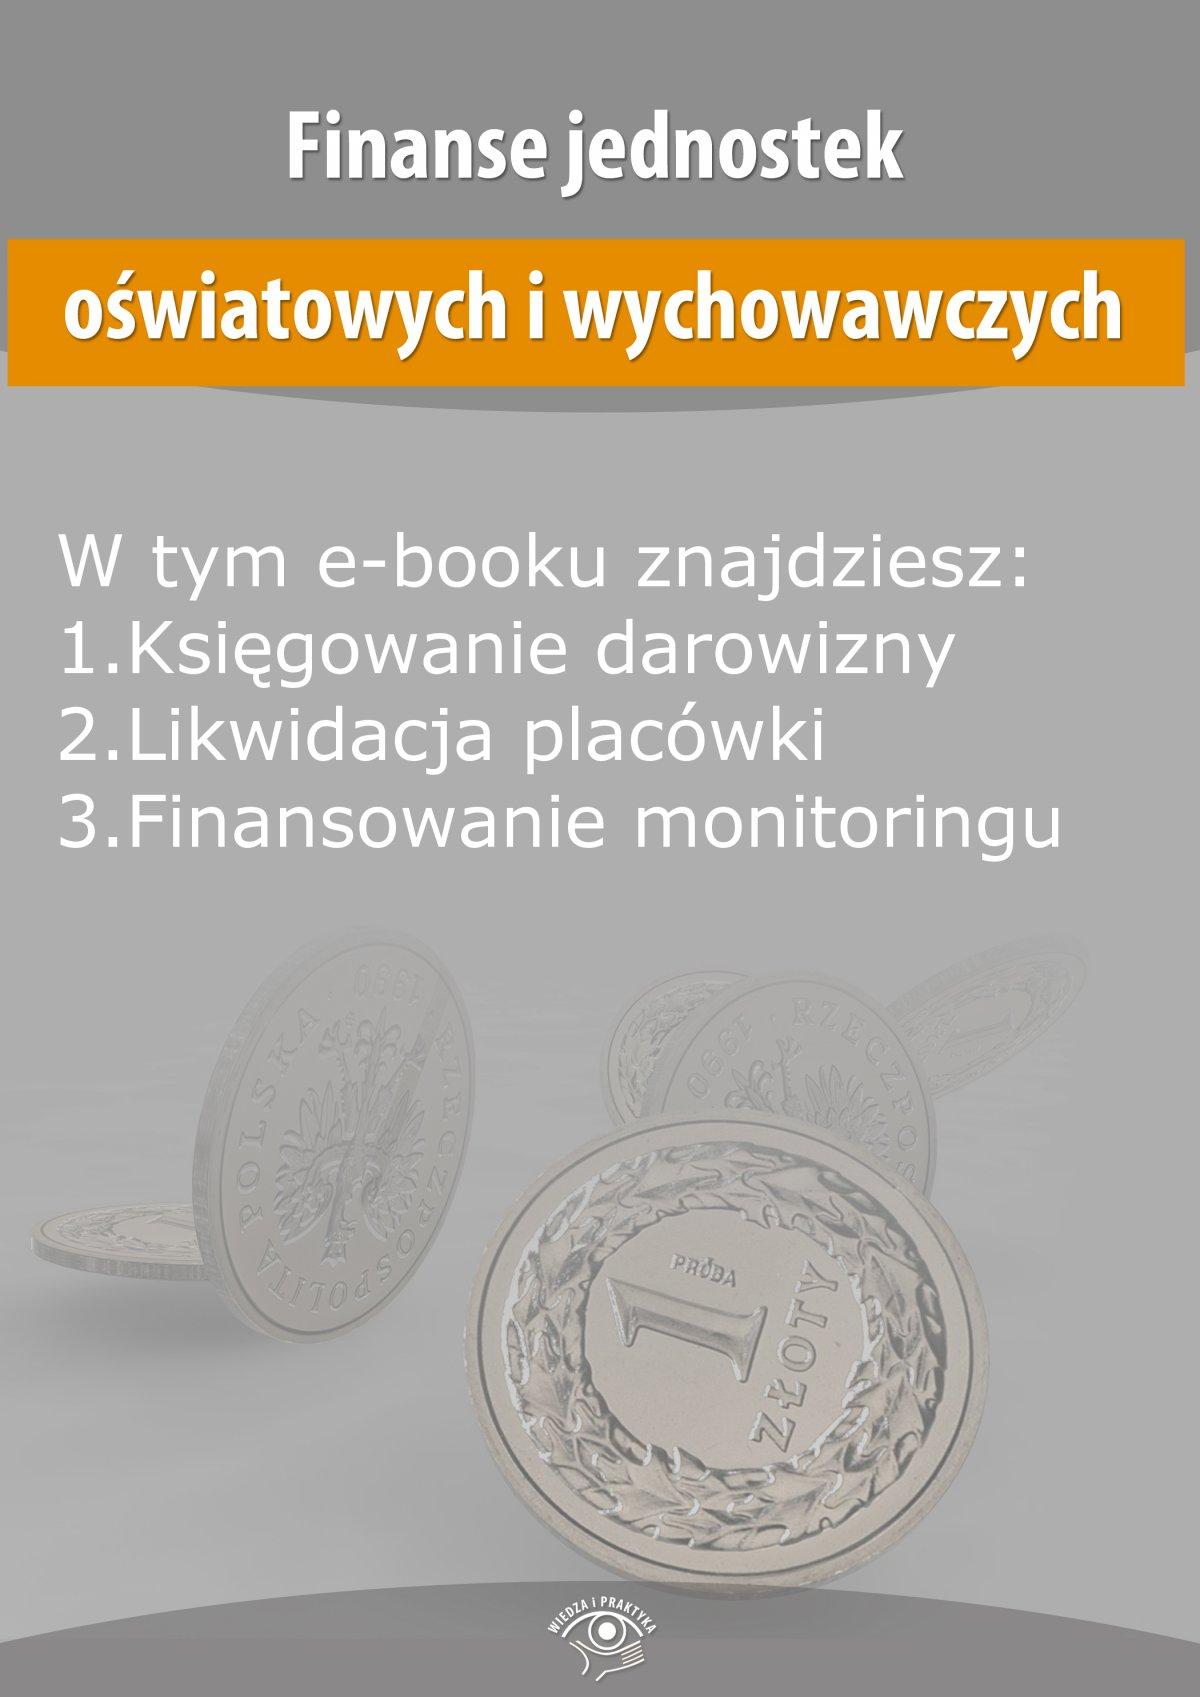 Finanse jednostek oświatowych i wychowawczych, wydanie październik 2014 r. - Ebook (Książka EPUB) do pobrania w formacie EPUB